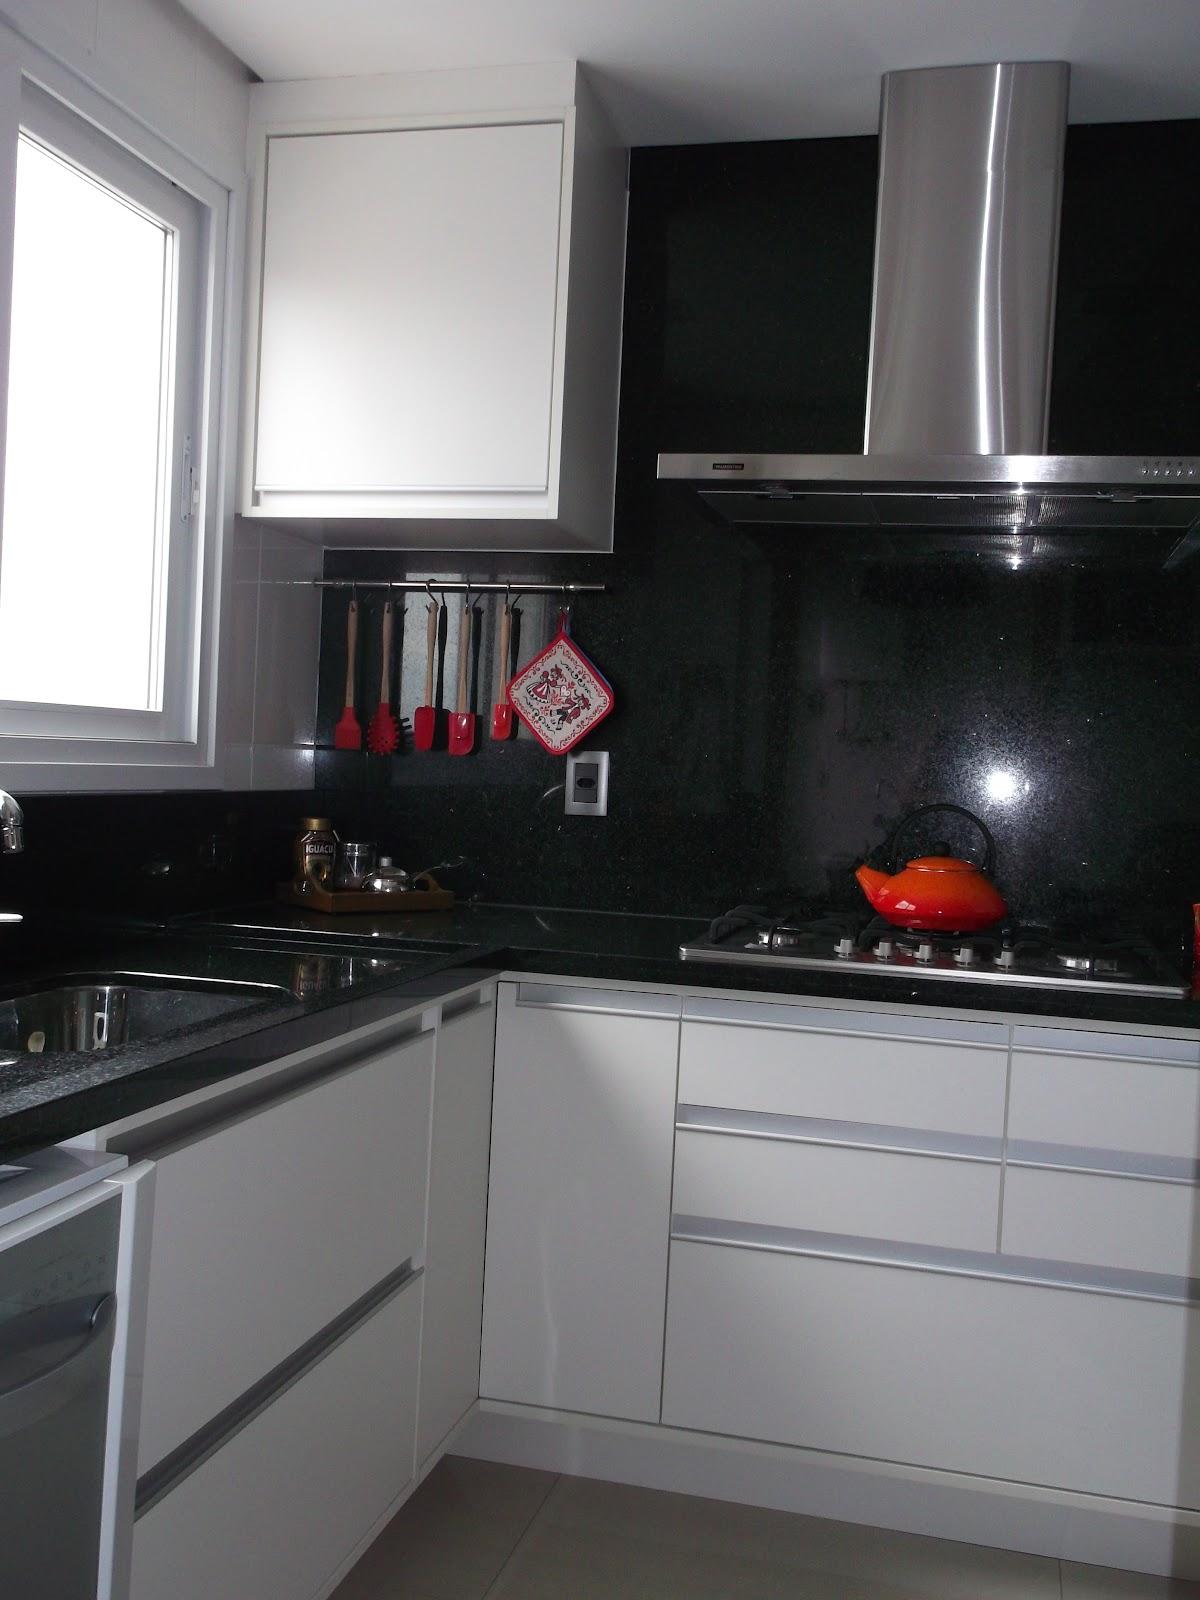 cozinha planejada fogão cooktopIdéias de decoração para casa #6D2F2F 1200 1600